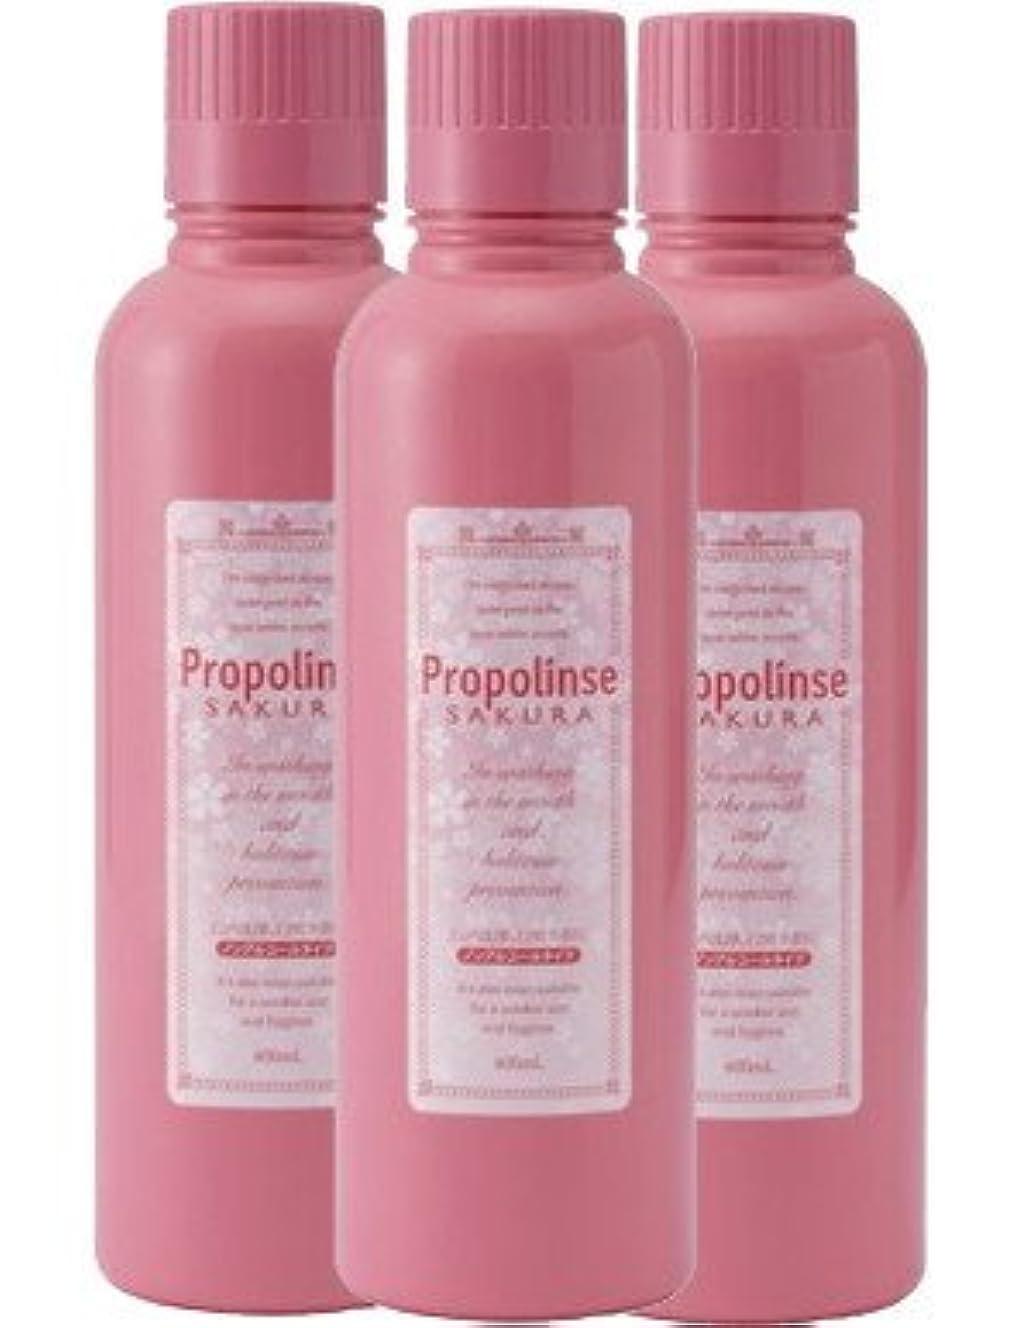 バトル信頼性のある助けになるPropolinse ピエラス プロポリンス マウスウォッシュ サクラ 600ML*3本 本体 ノンアルコール 低刺激タイプ